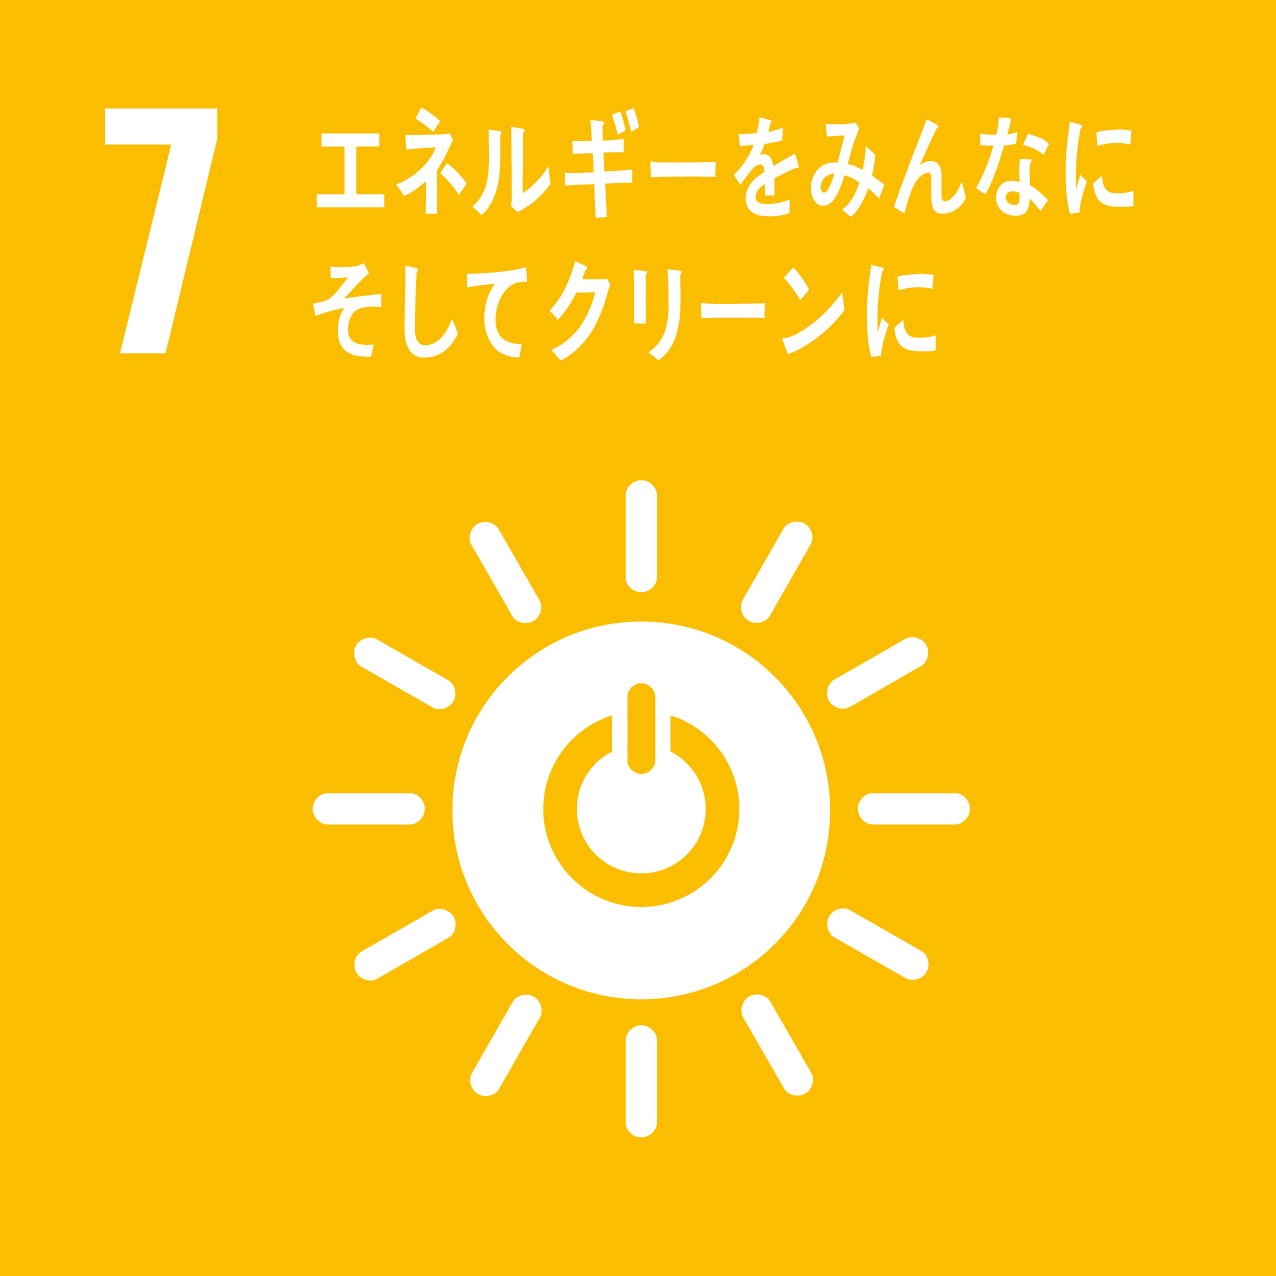 7.クリーンエネルギー